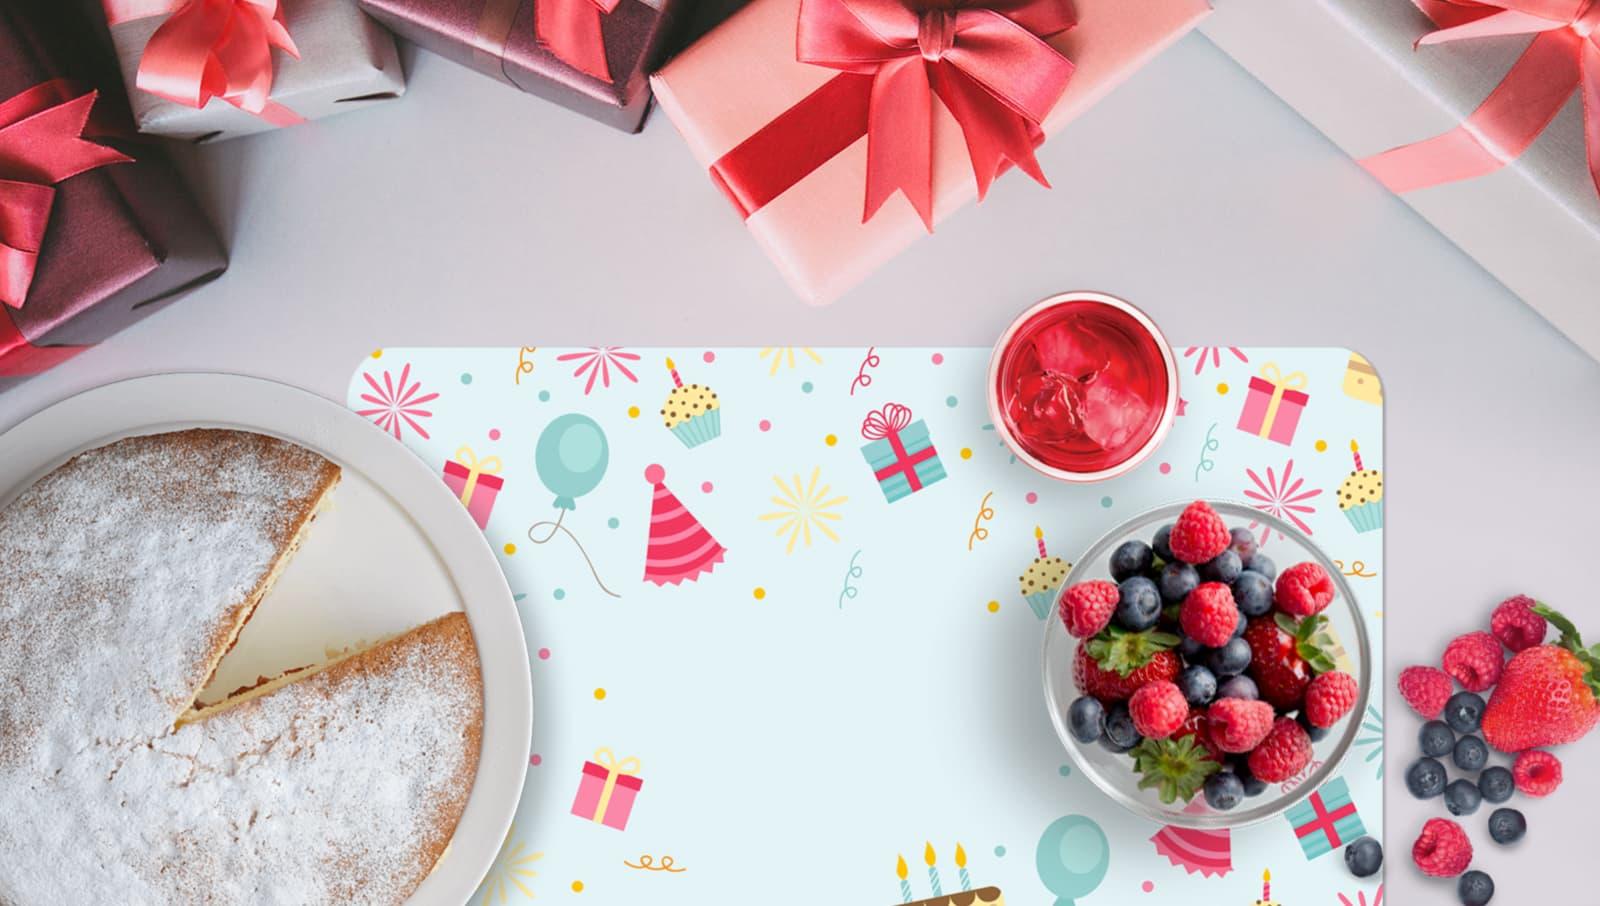 Tovaglietta personalizzata per compleanno | tictac.it